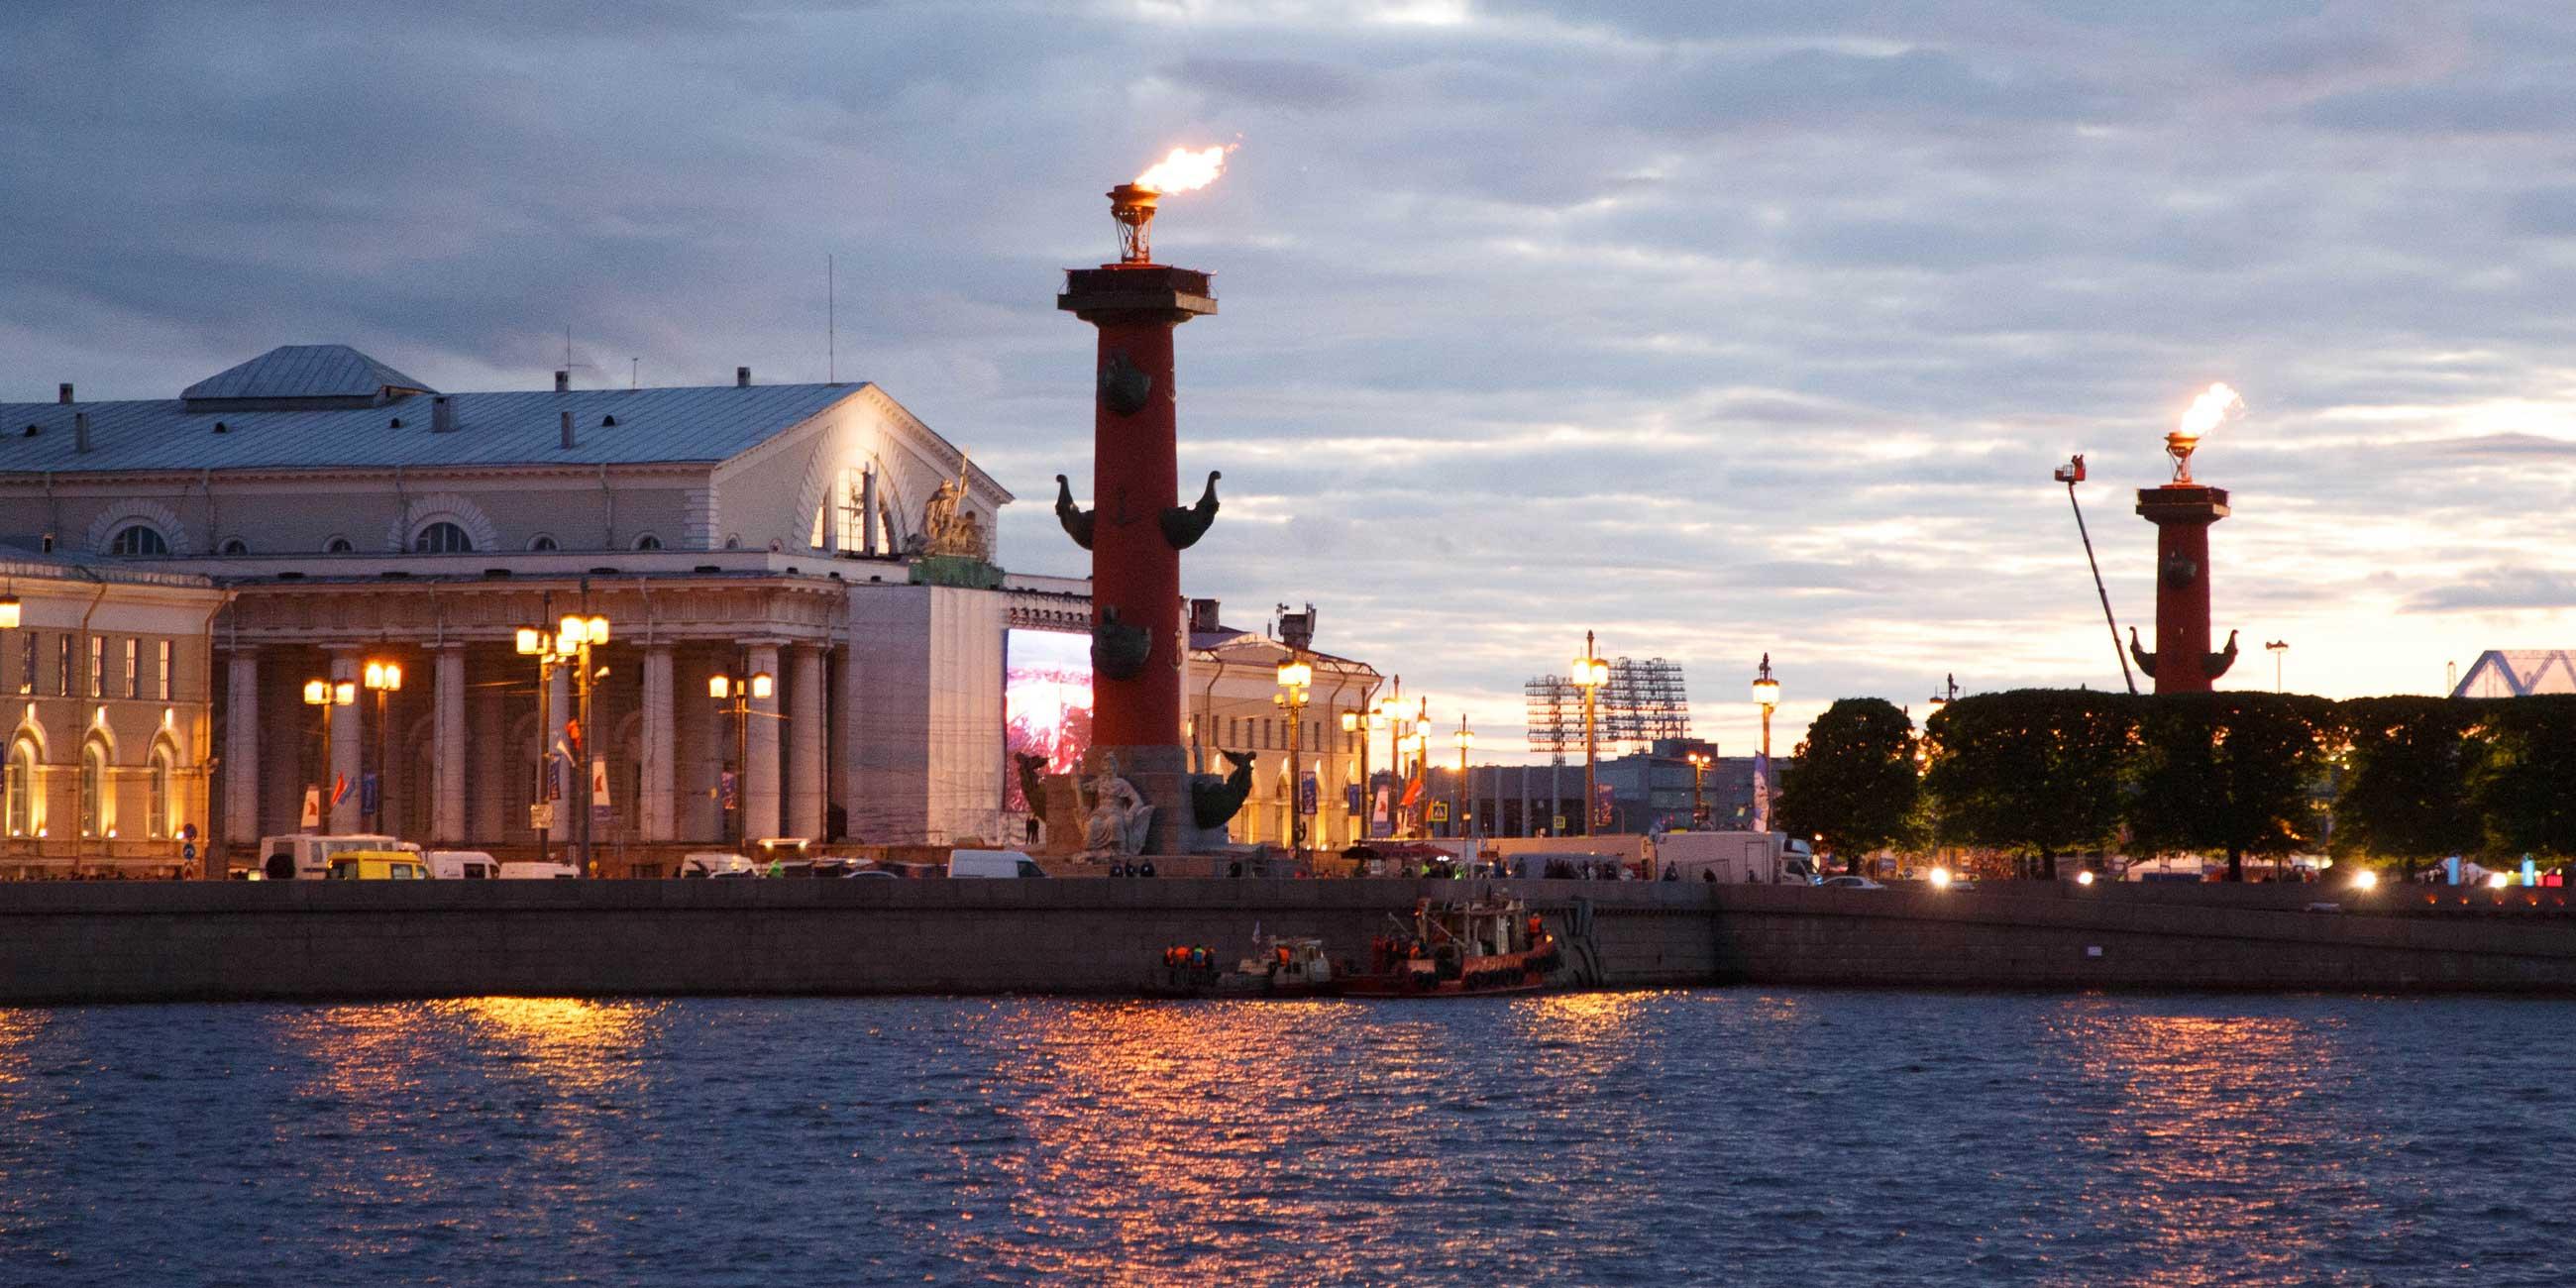 Огонь на Ростральных колоннах зажигают только по особым случаямФото: globallookpress.com